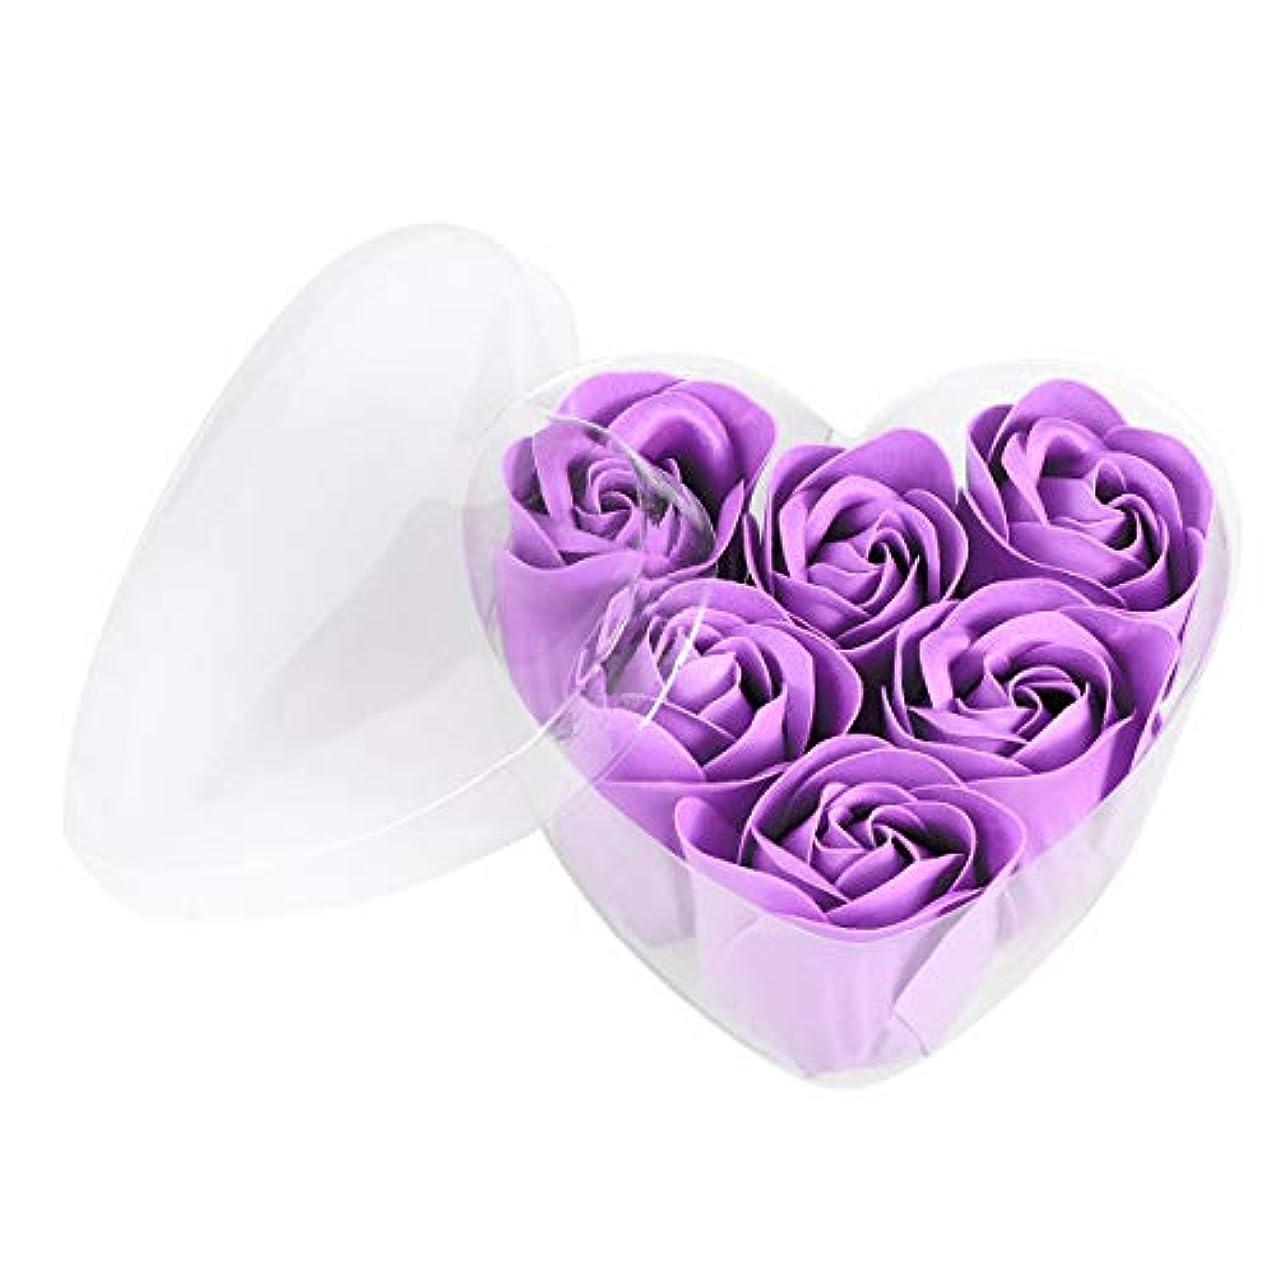 利用可能学生粒子Beaupretty 6本シミュレーションローズソープハート型フラワーソープギフトボックス結婚式の誕生日Valentin's Day(紫)